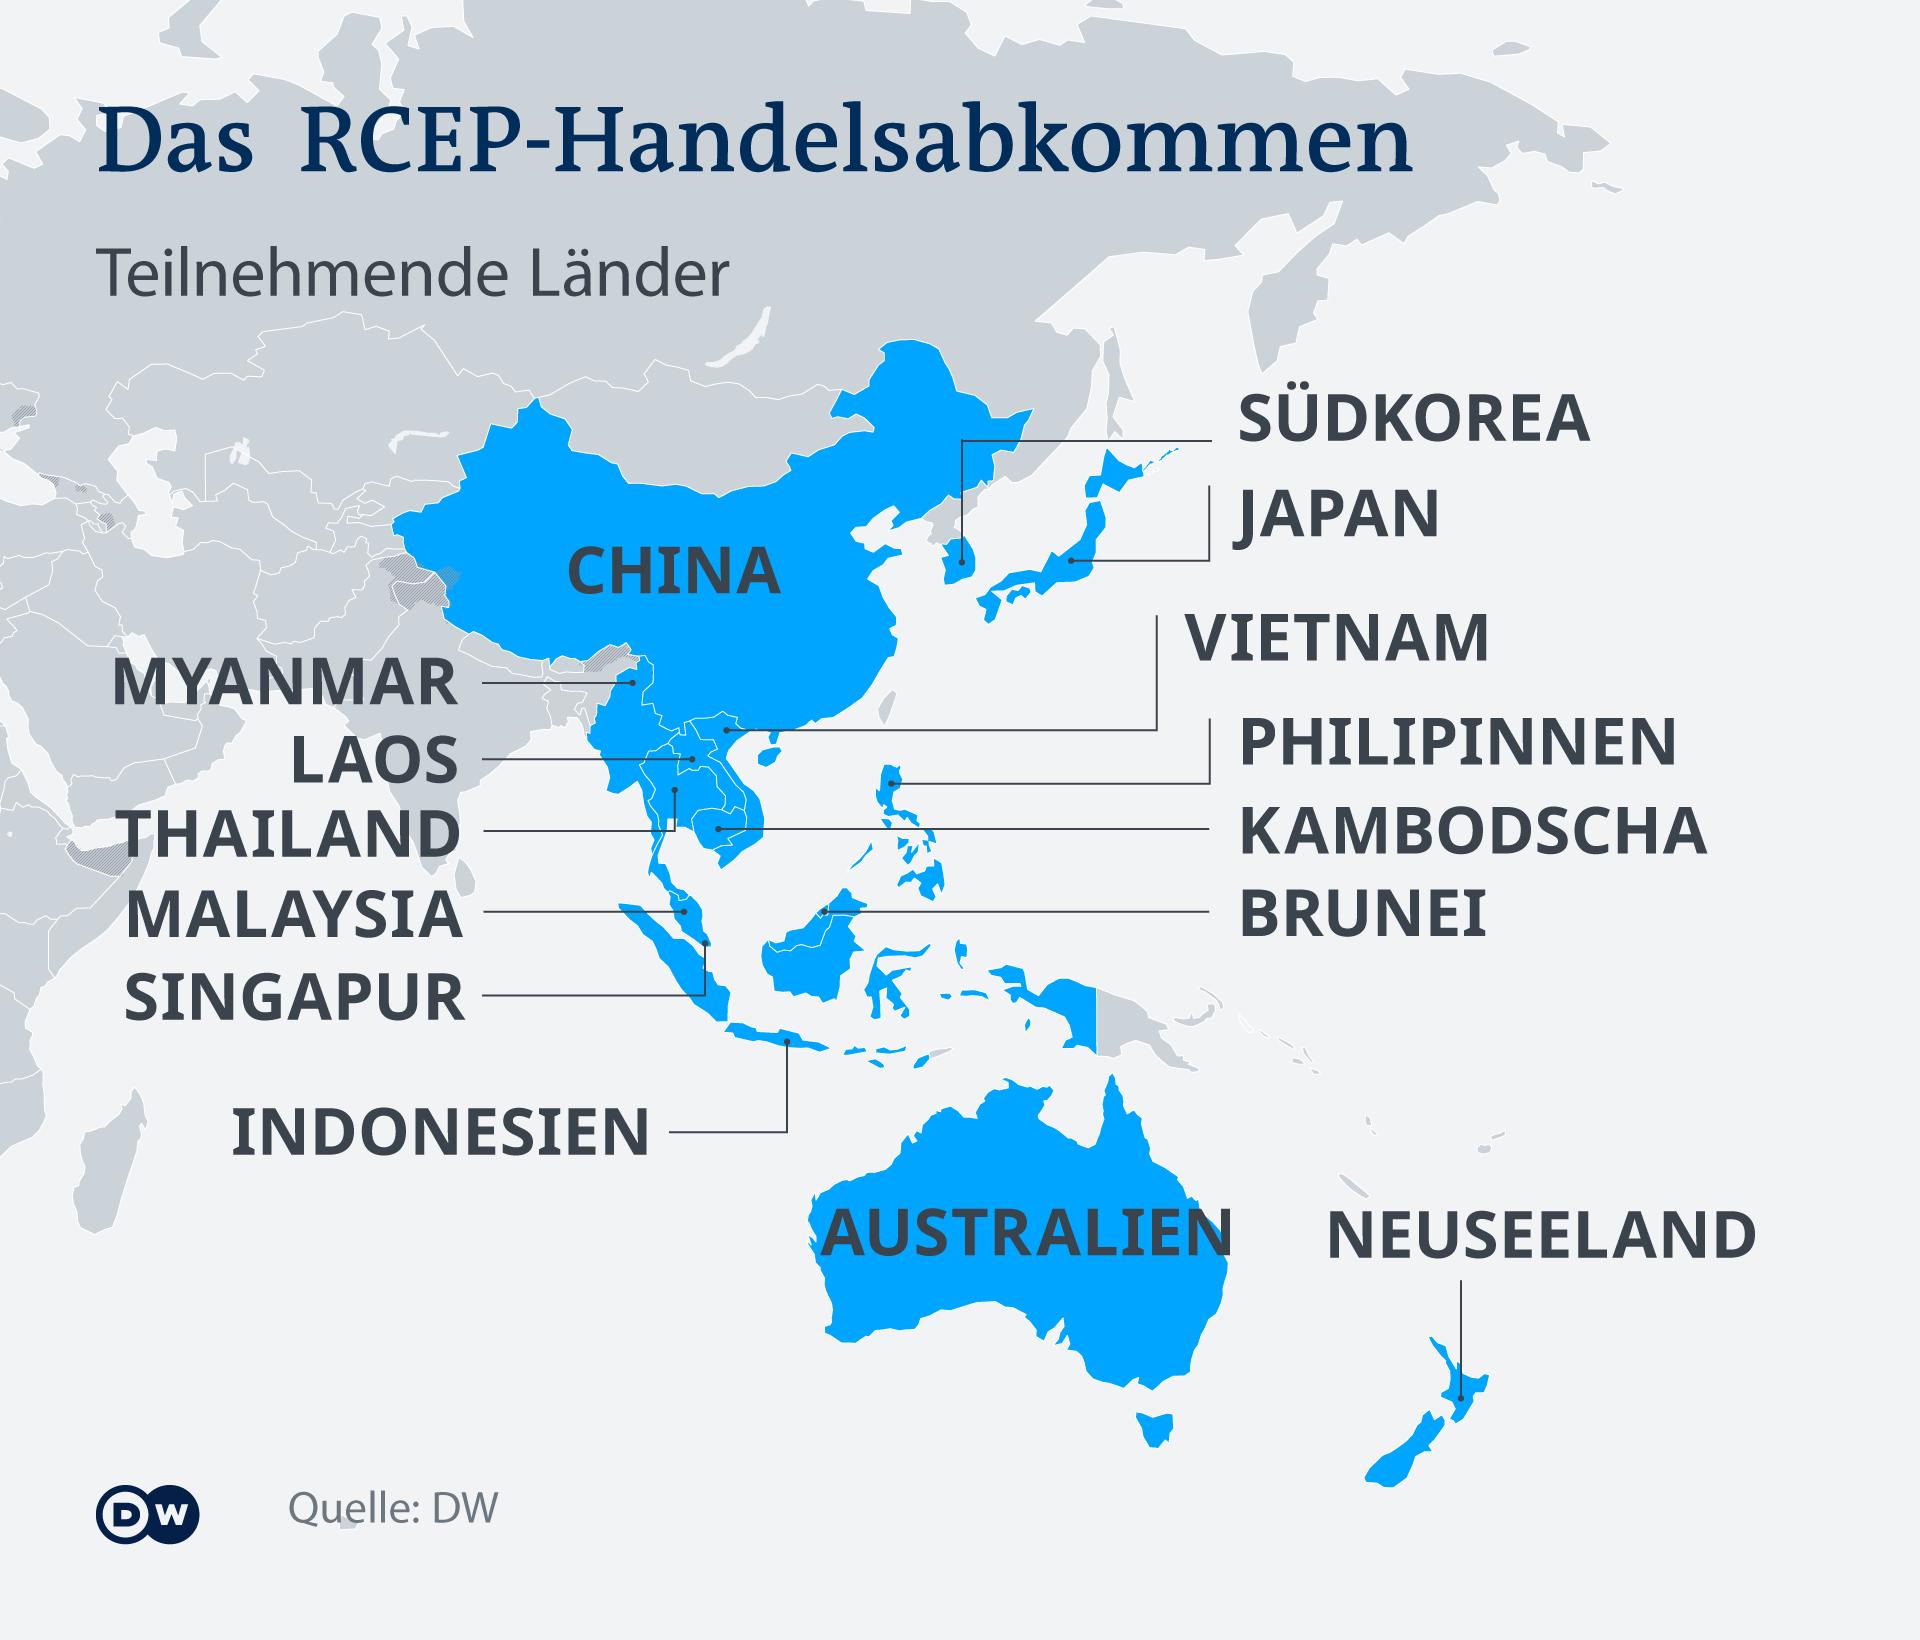 Infografik Karte Handelsabkommen RCEP DE